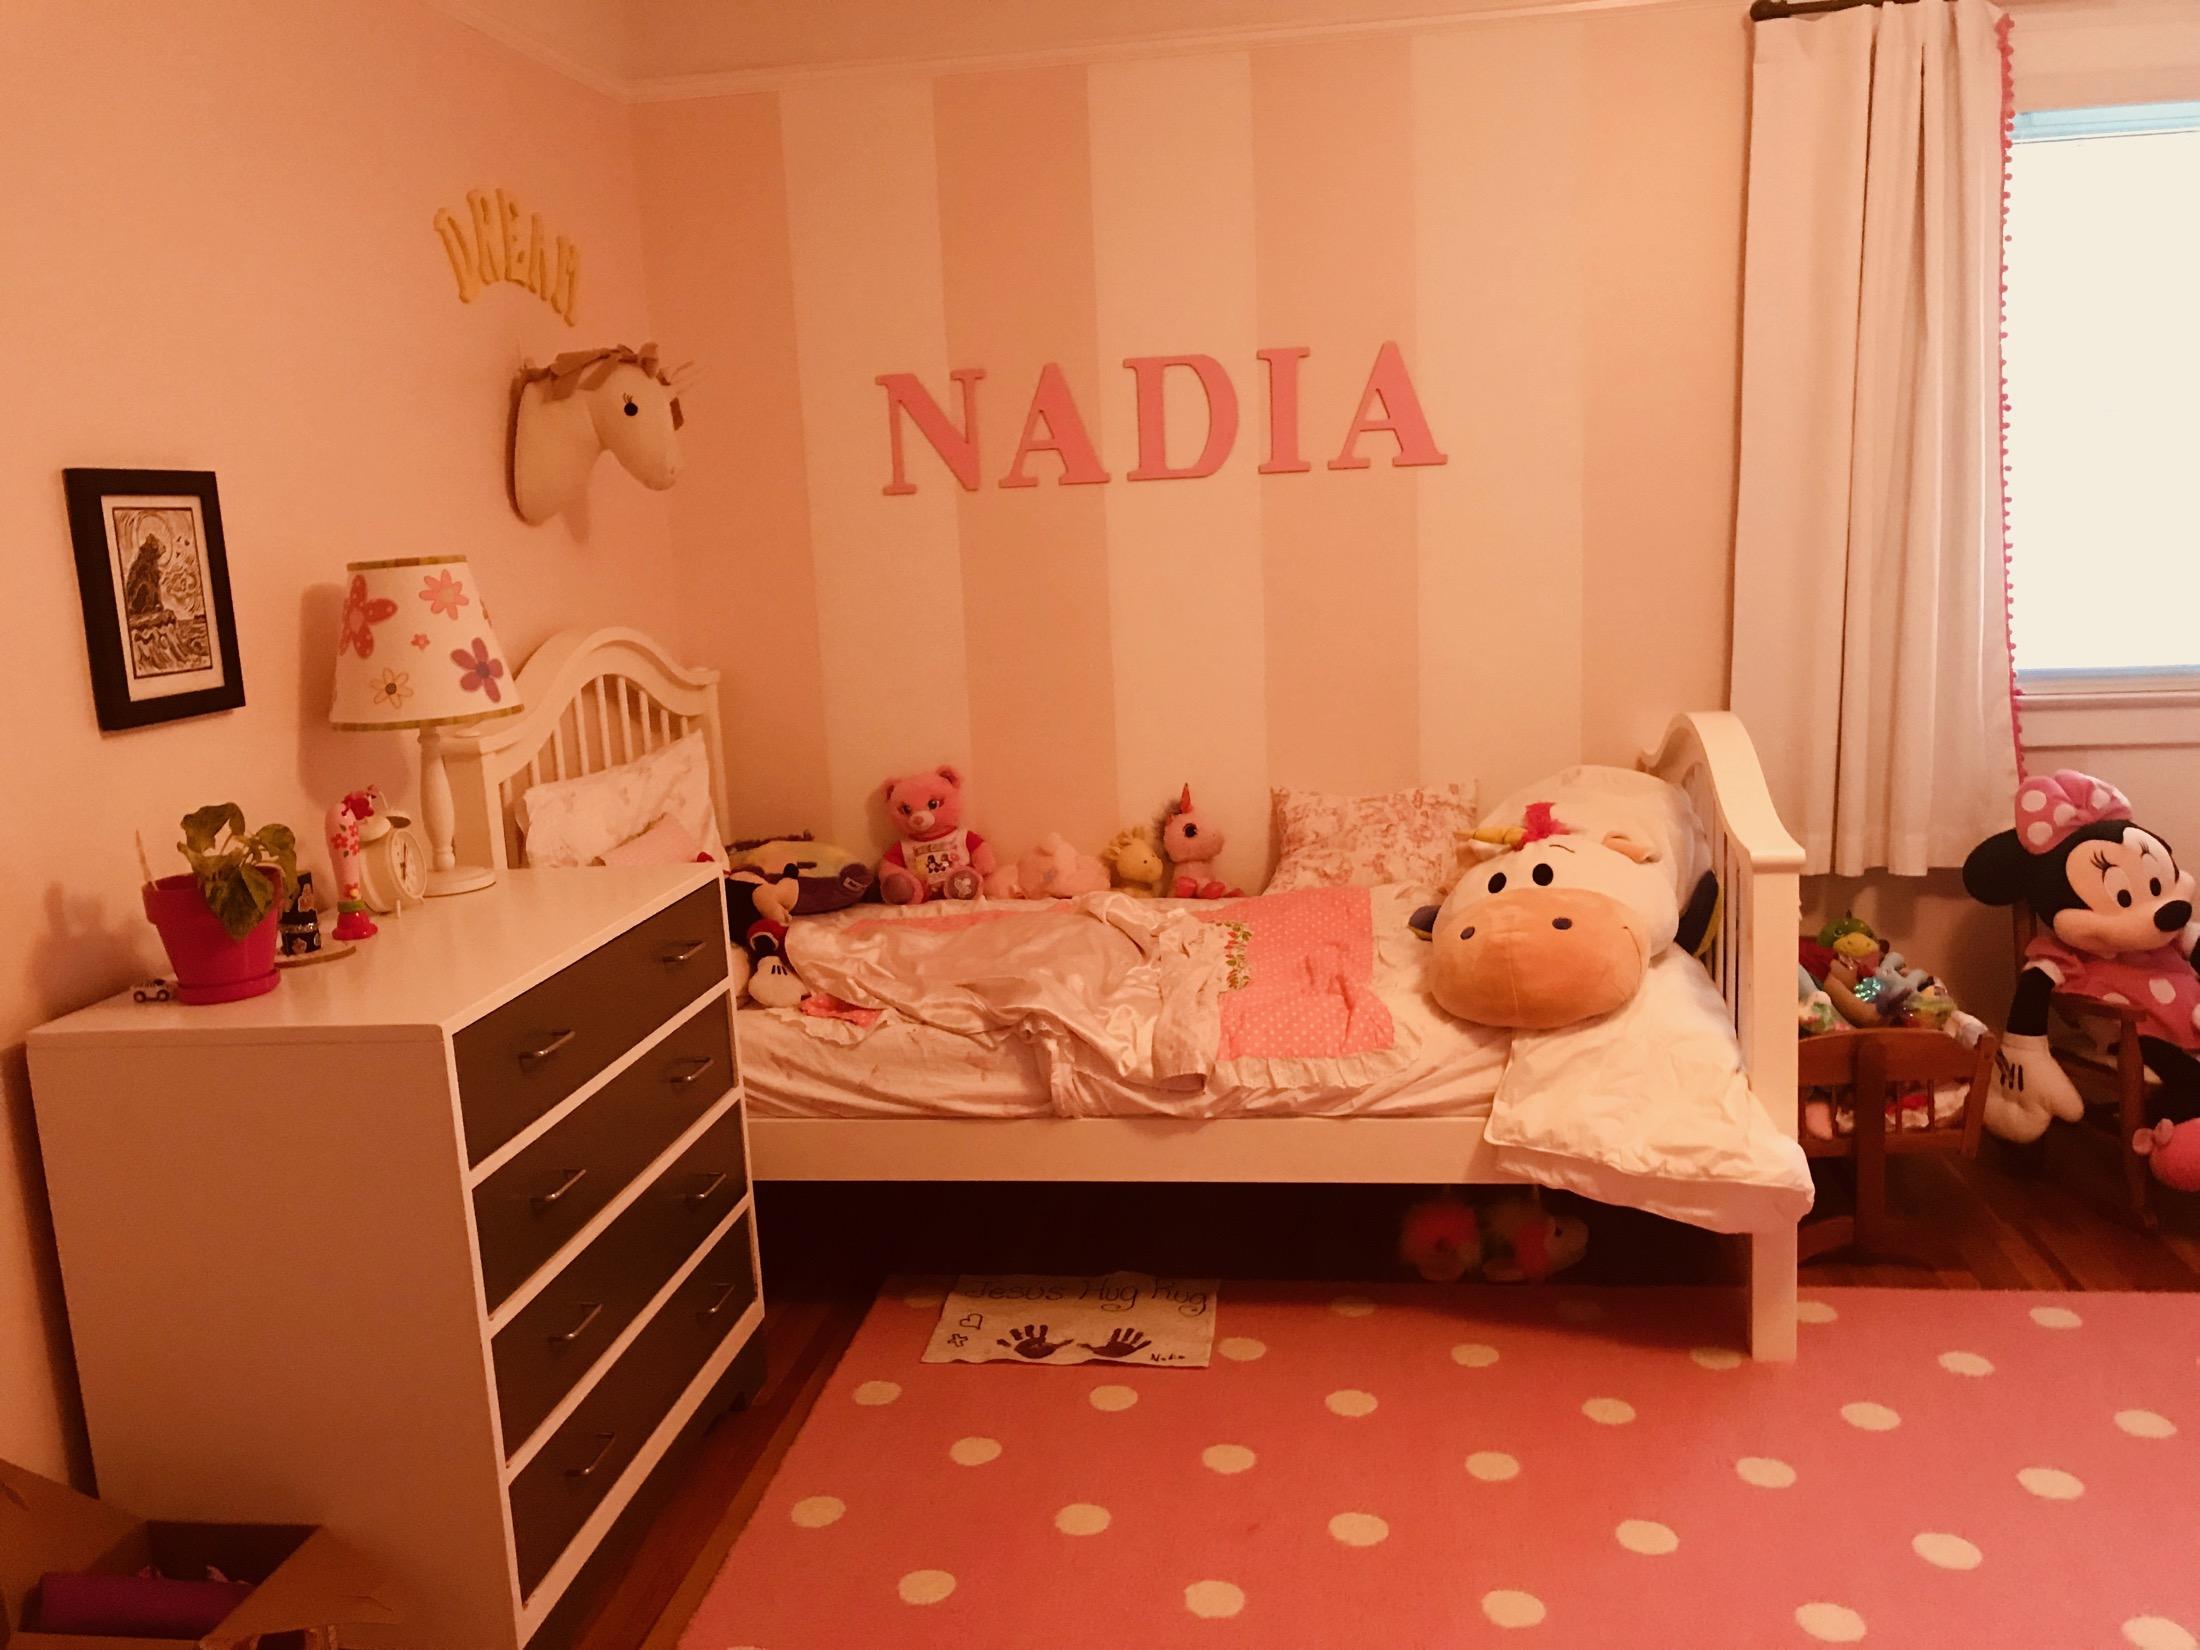 IMPORT 864 CADILLAC NADIA' S ROOM.jpg